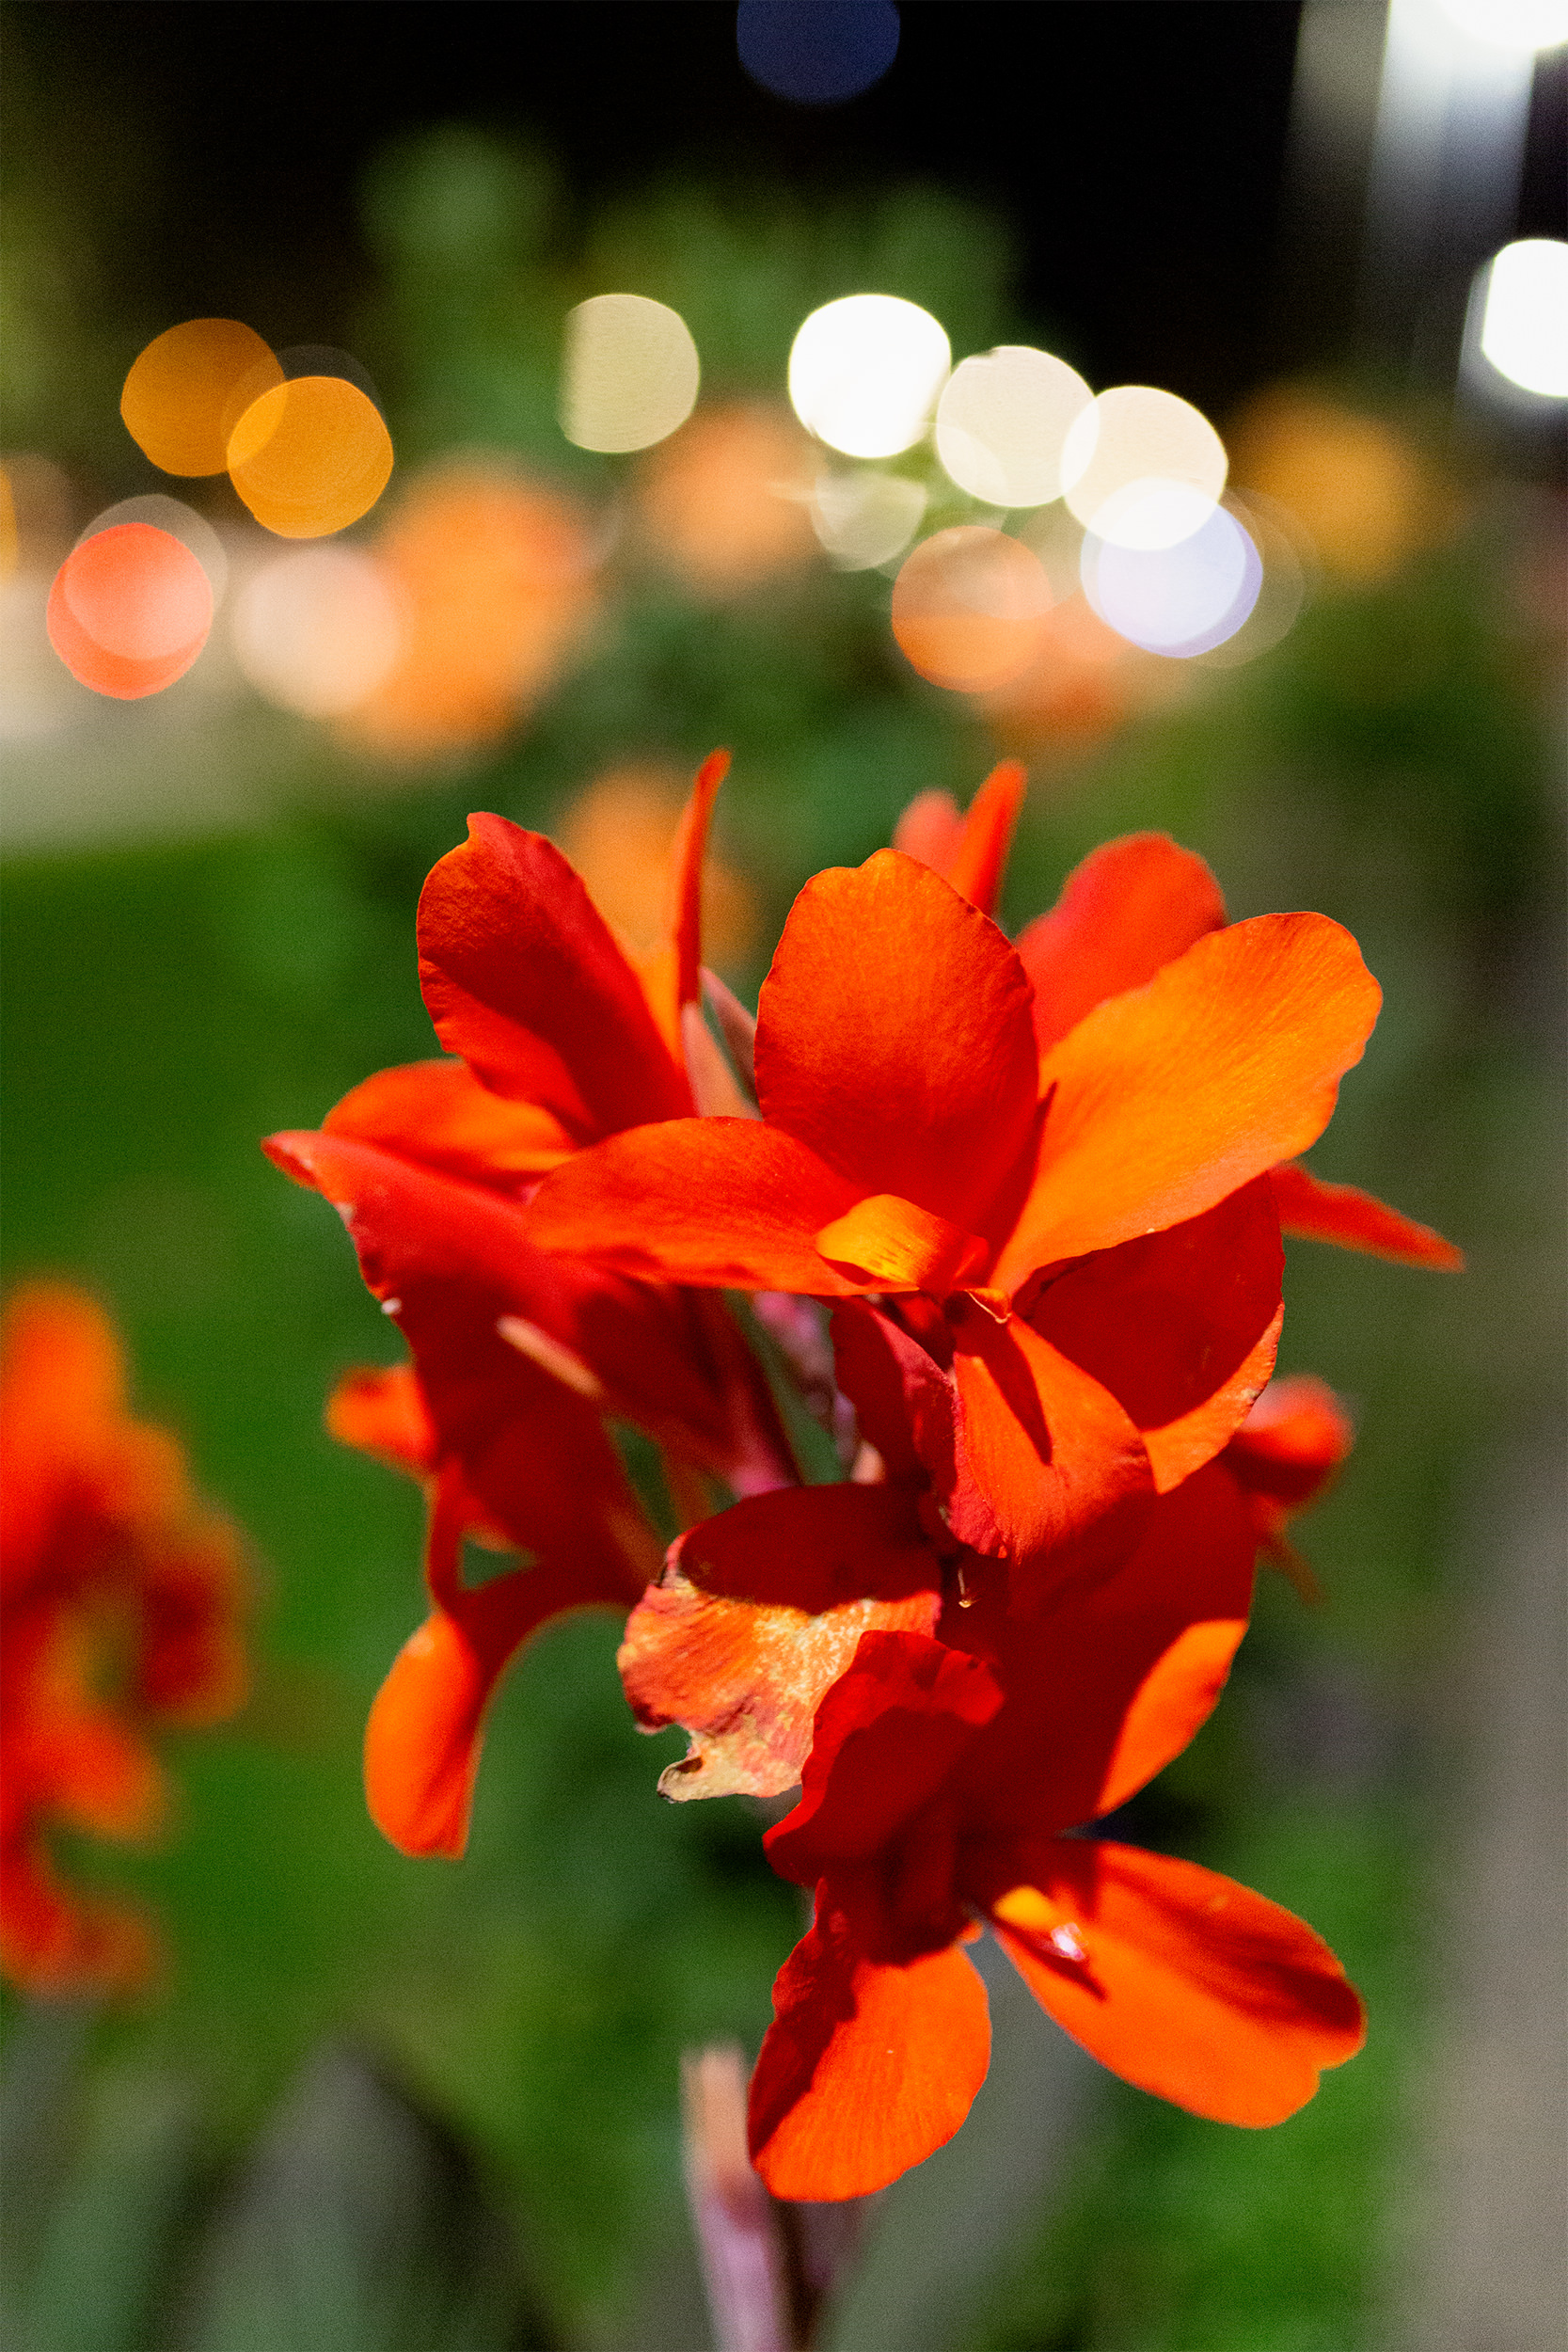 Große, rote Blüte.